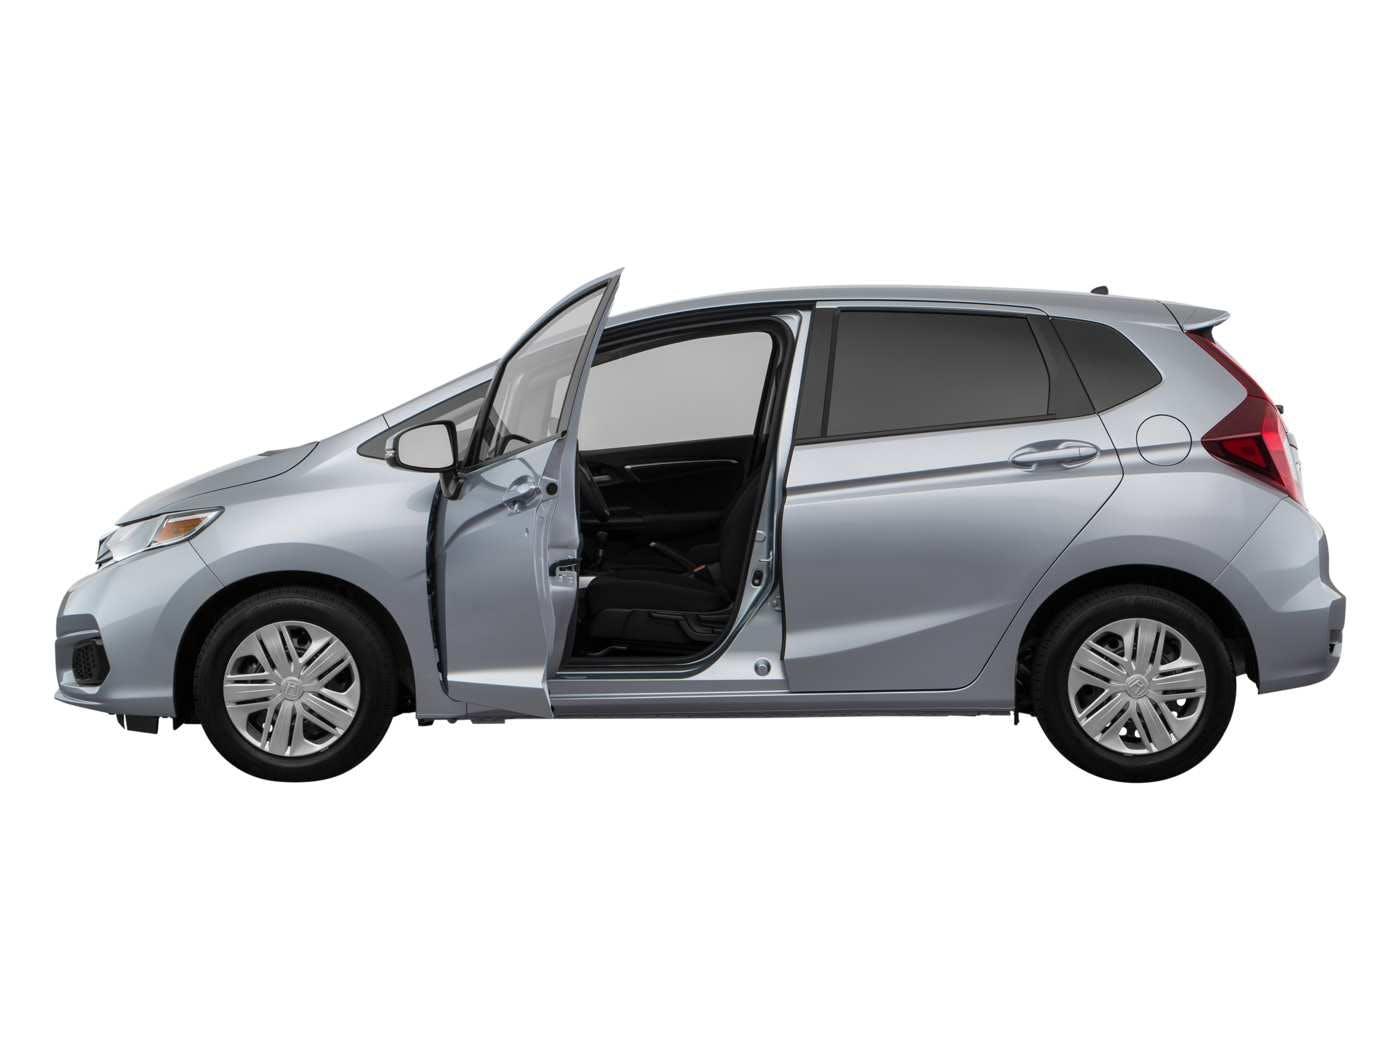 2019 honda fit prices reviews incentives truecar rh truecar com